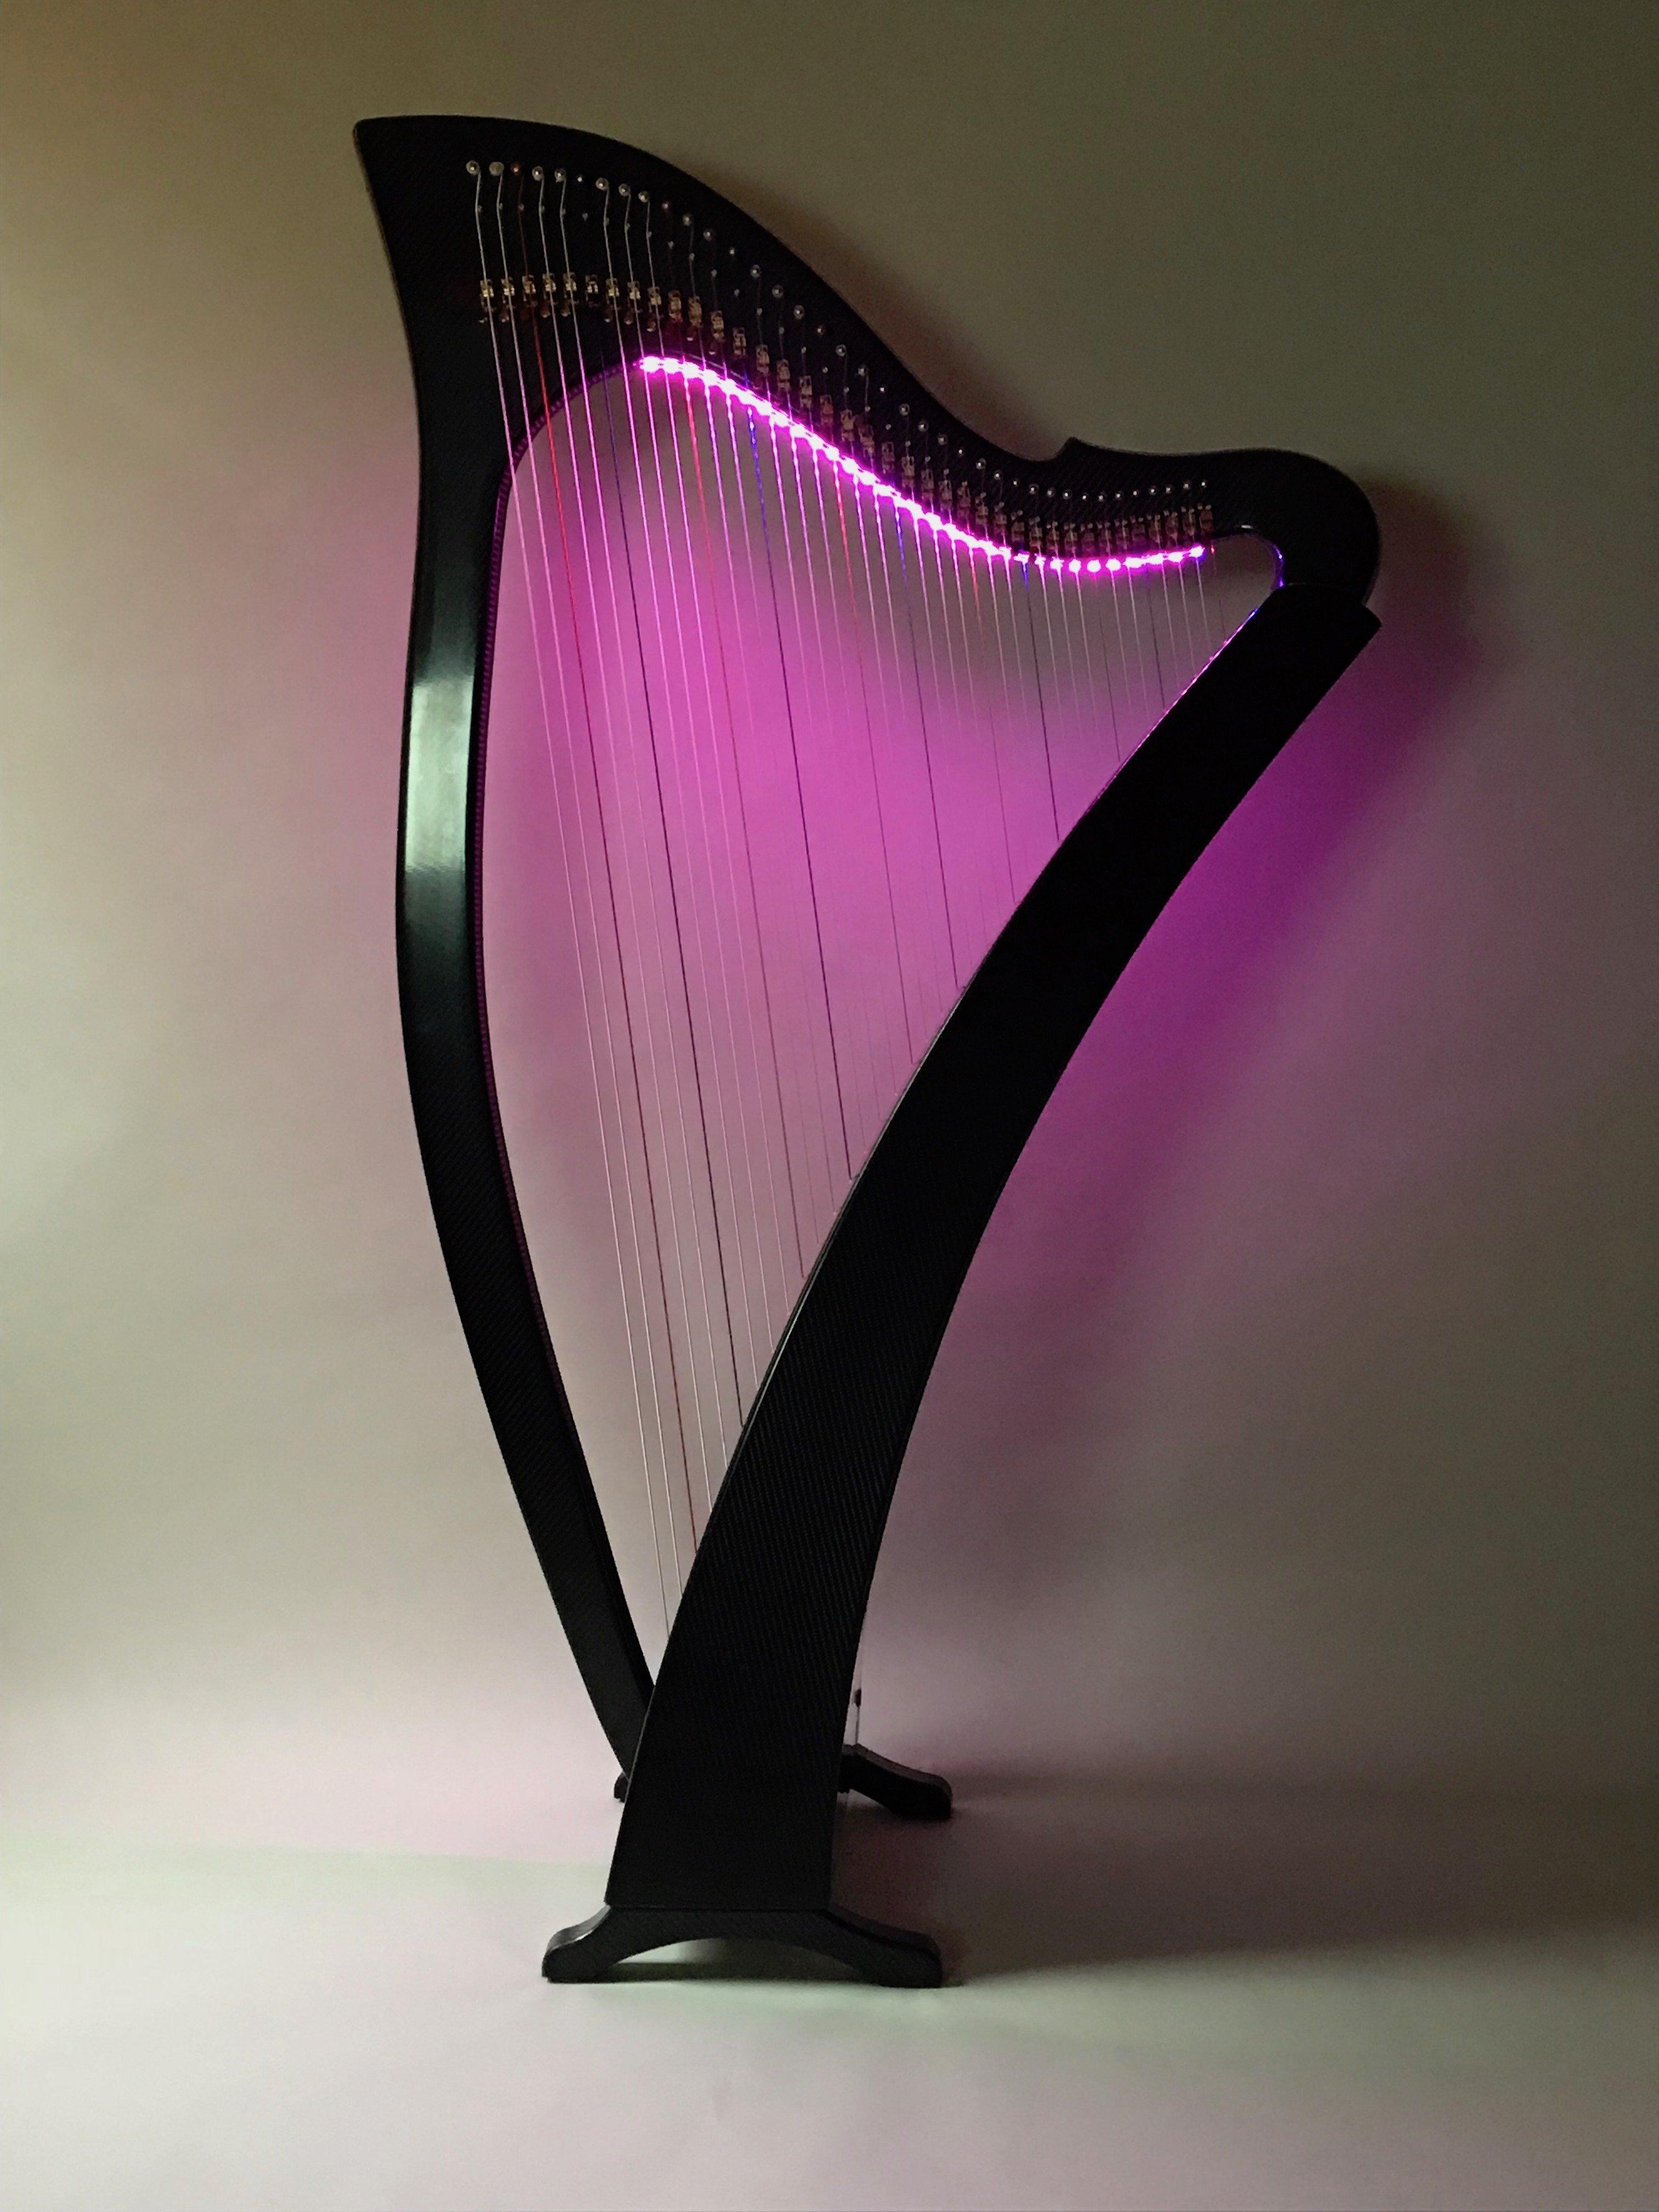 Carbon fiber 38-String Delight lever harp with pink LED lights